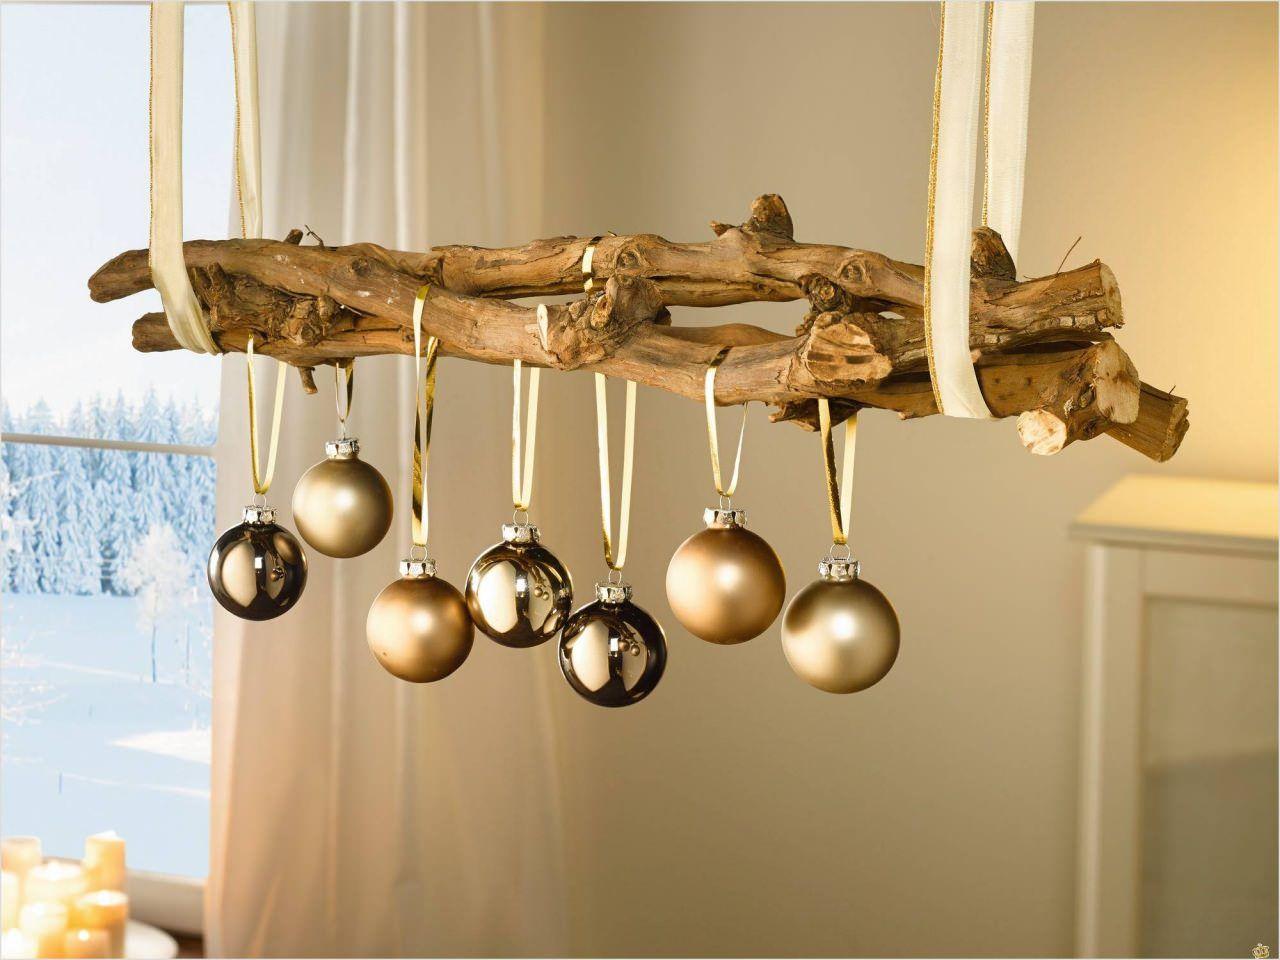 This Photo About: Weihnachtsdeko Holz Selber Bauen